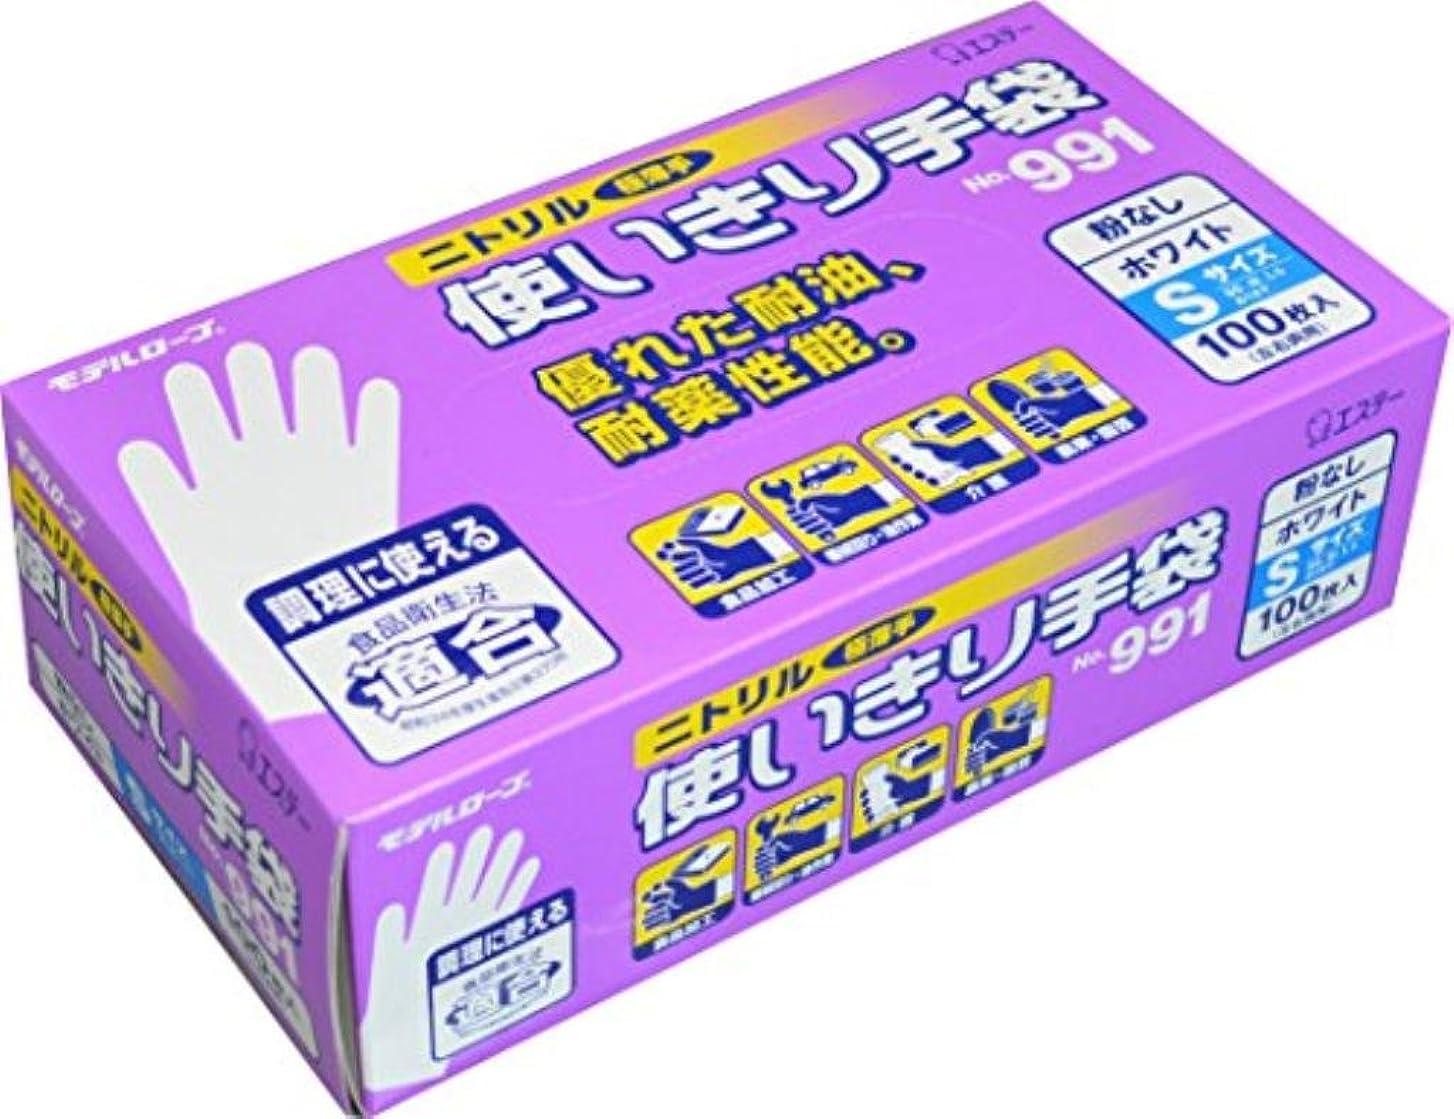 傾向がある価格エコー(まとめ買い)エステー ニトリル使いきり手袋粉無No.991ホワイトS 100枚【×2セット】